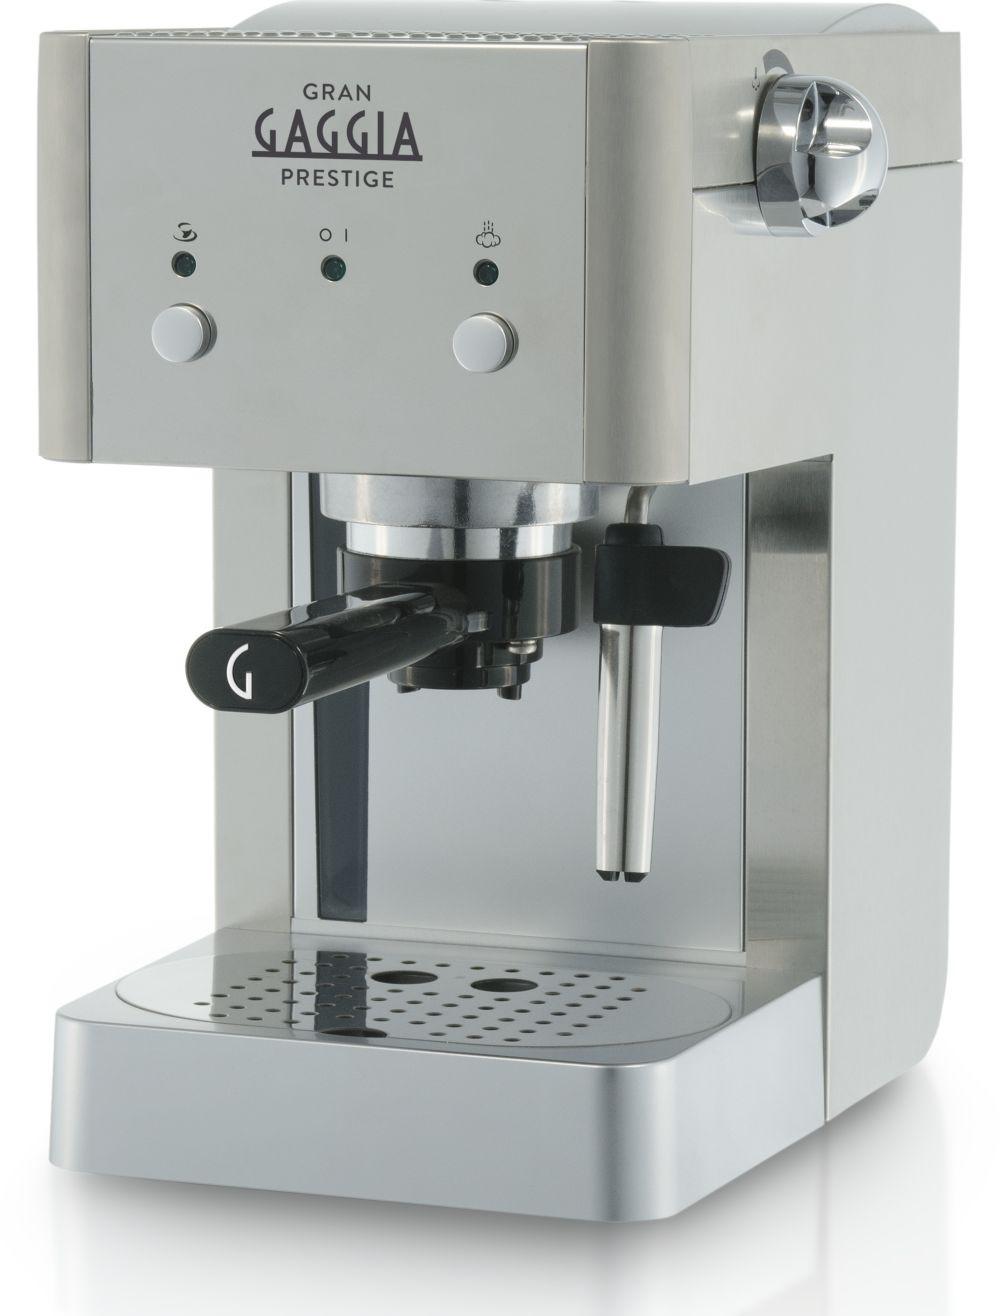 Gaggia Prestige espresso apparaat